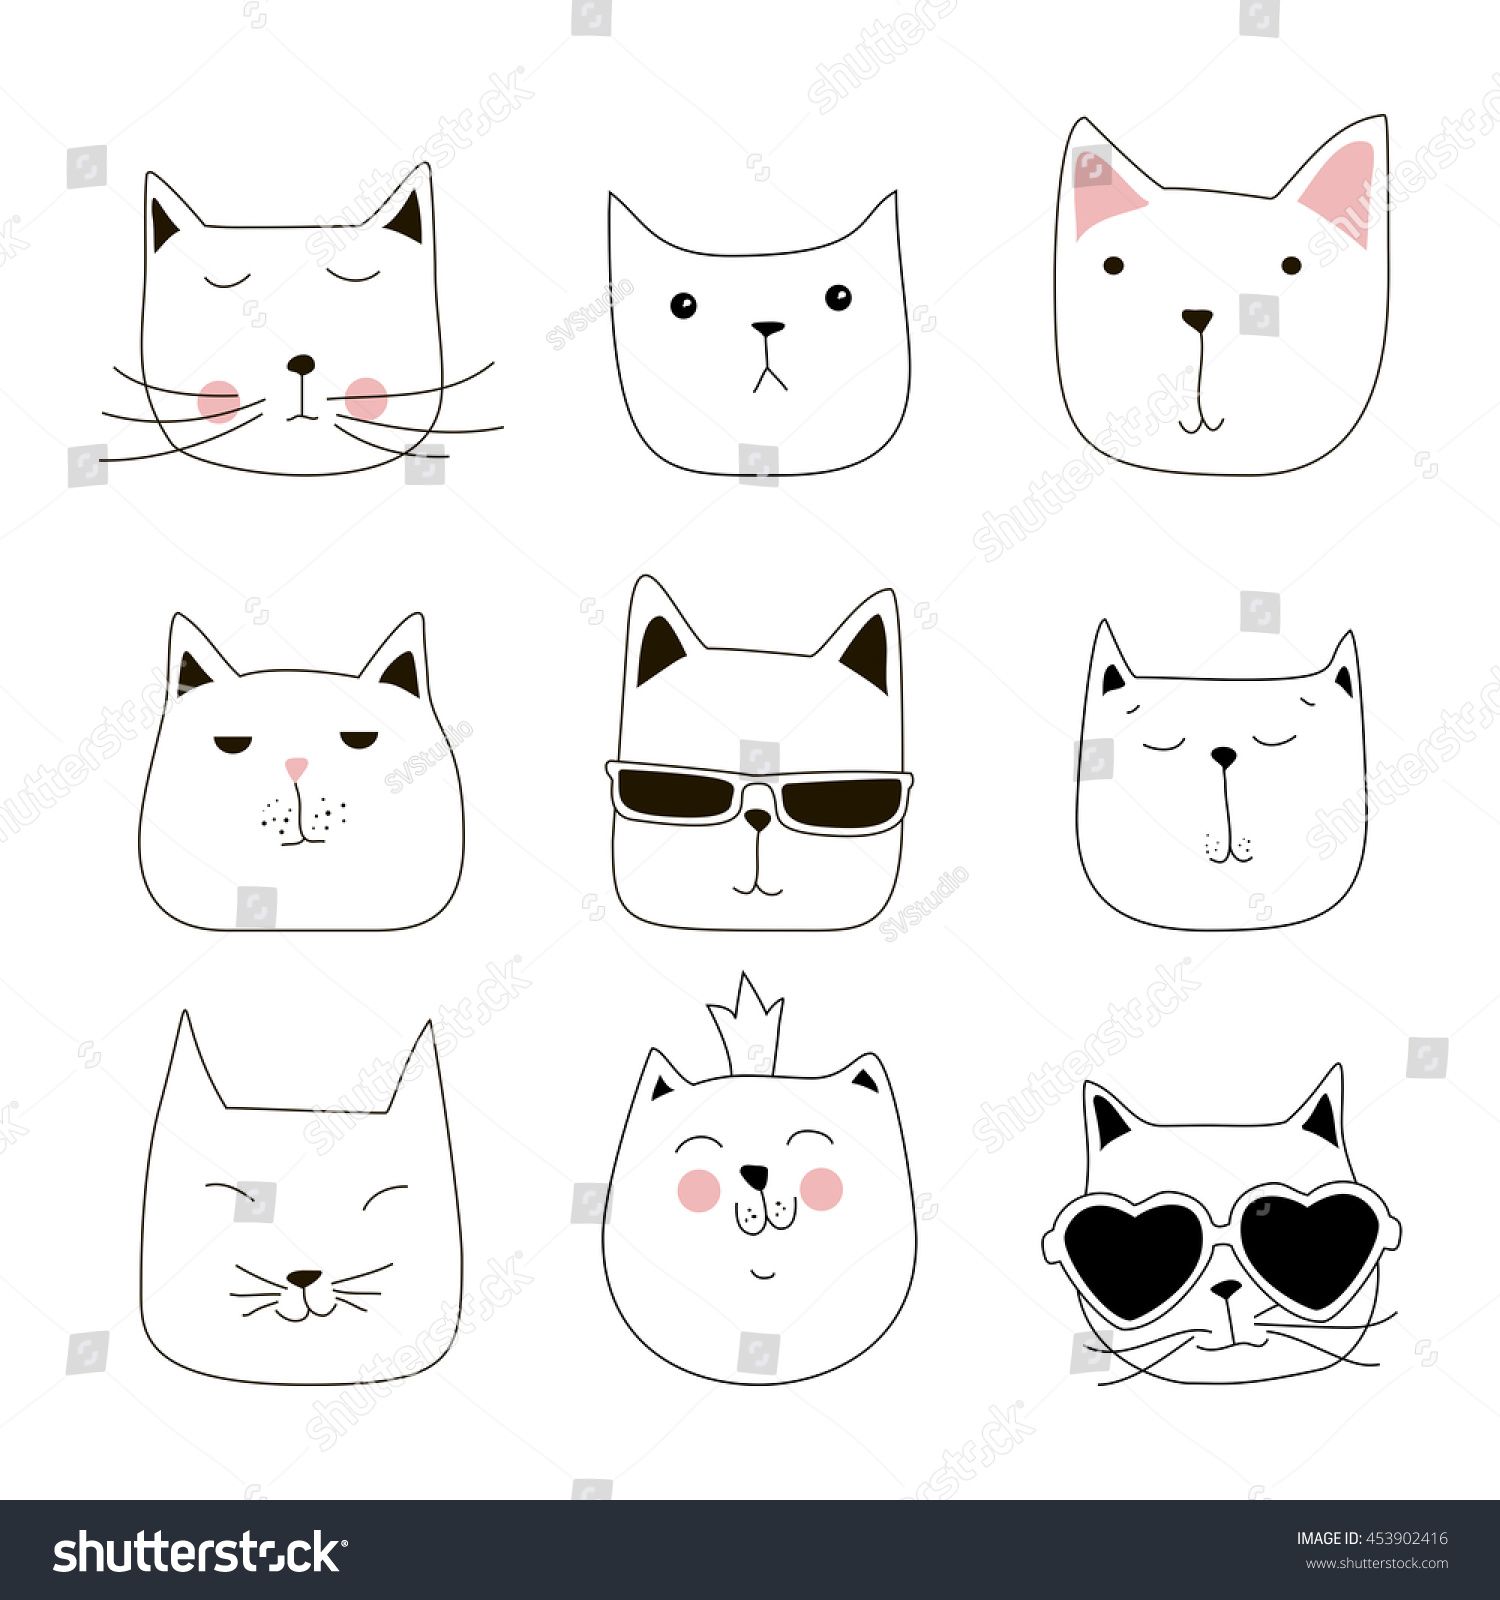 cute cat doodle series cat avatars stock vector 453902416